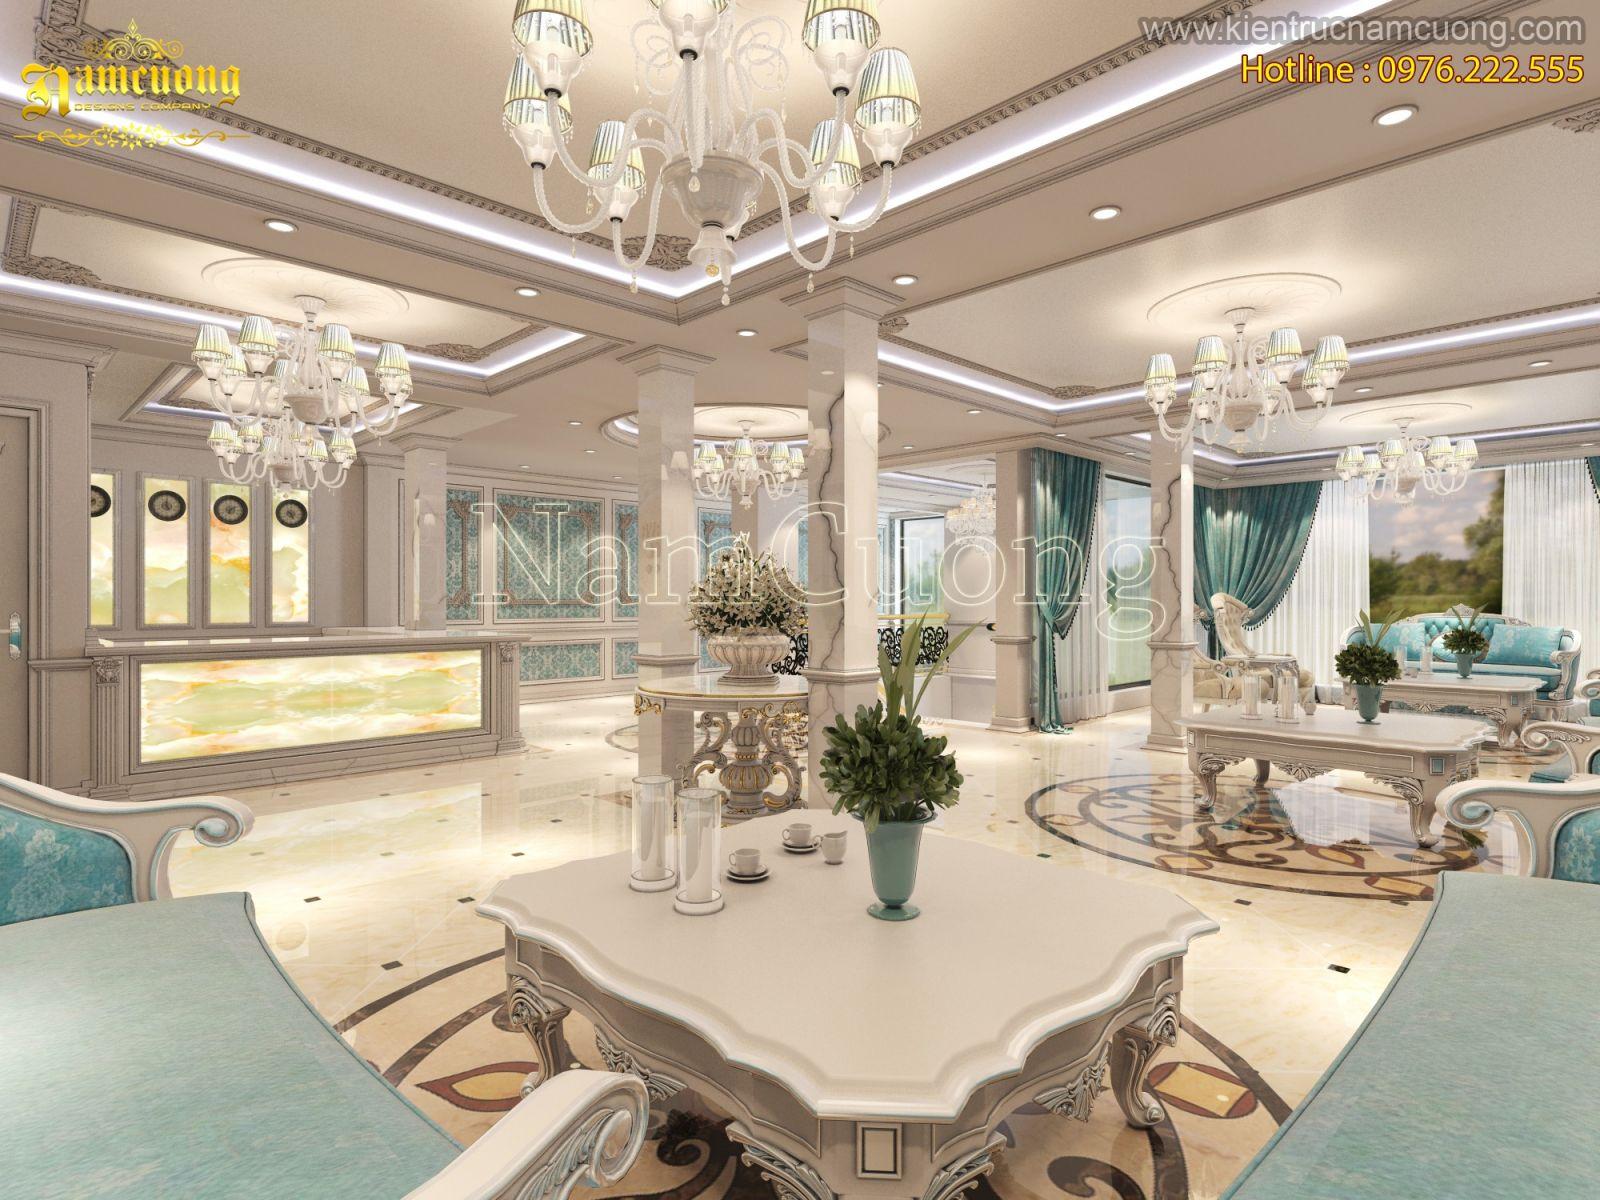 mẫu sảnh khách sạn đẹp